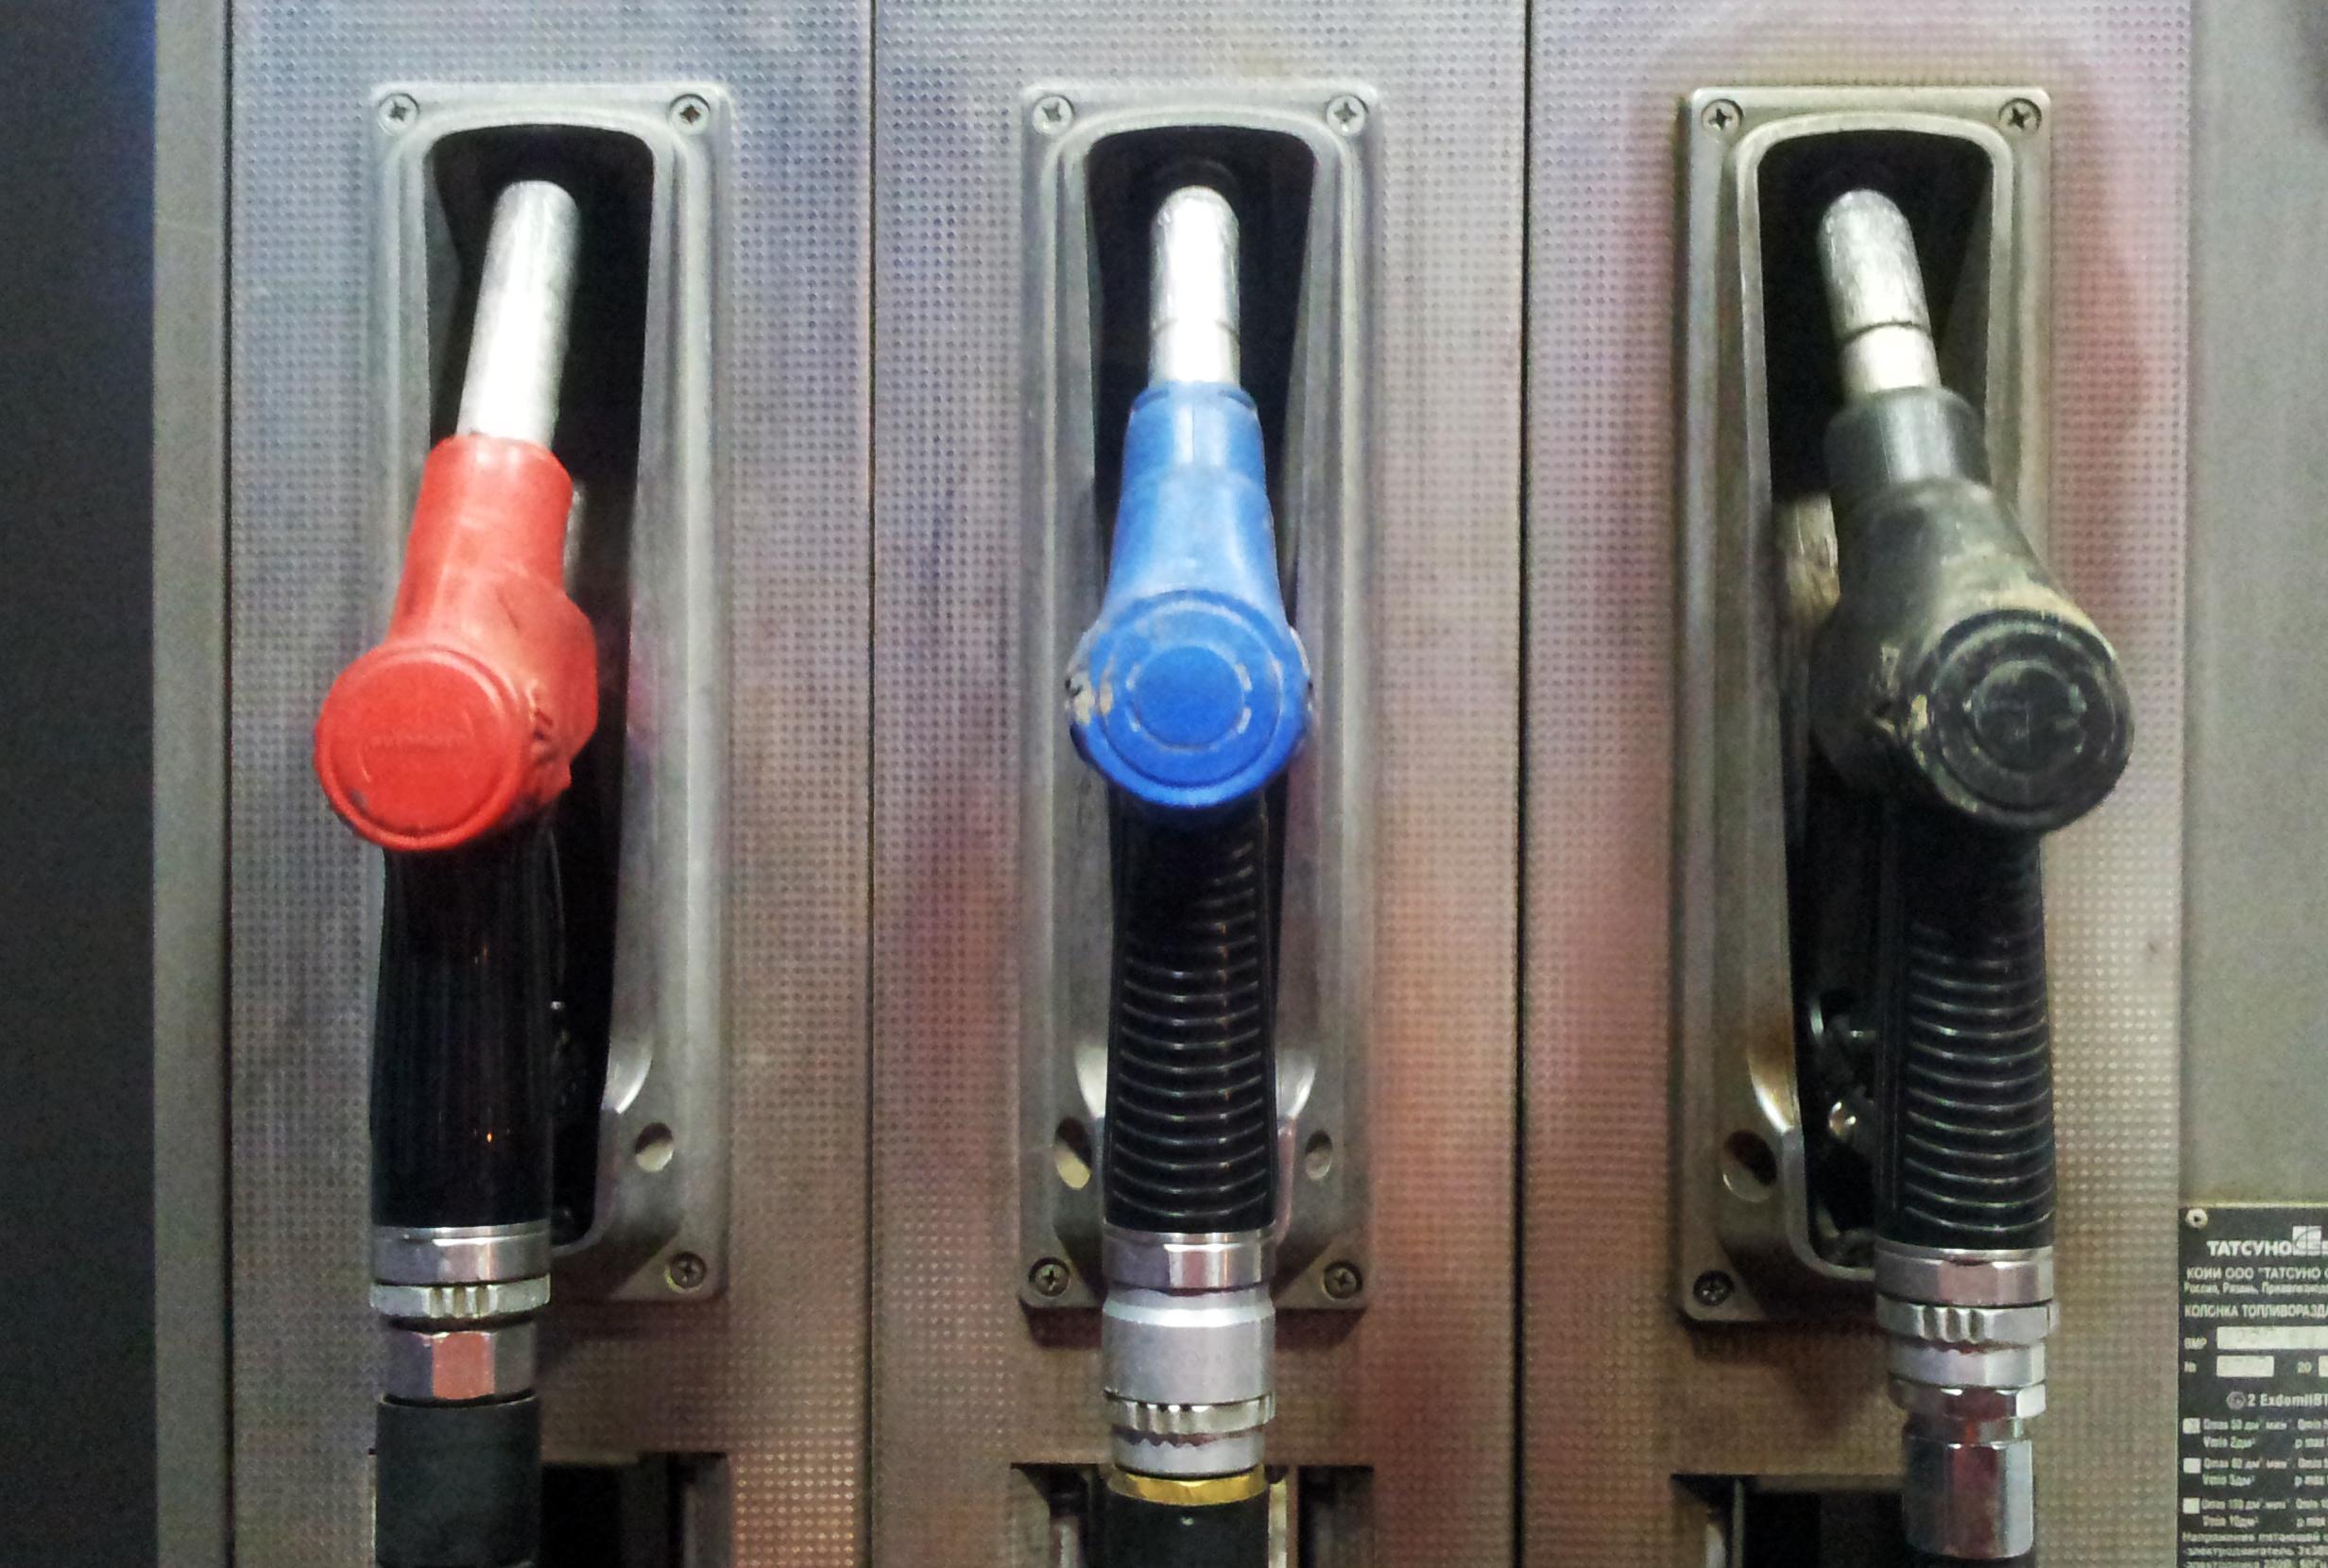 Мониторинг 66.ru: рост цен на бензин в Екатеринбурге опережает инфляцию